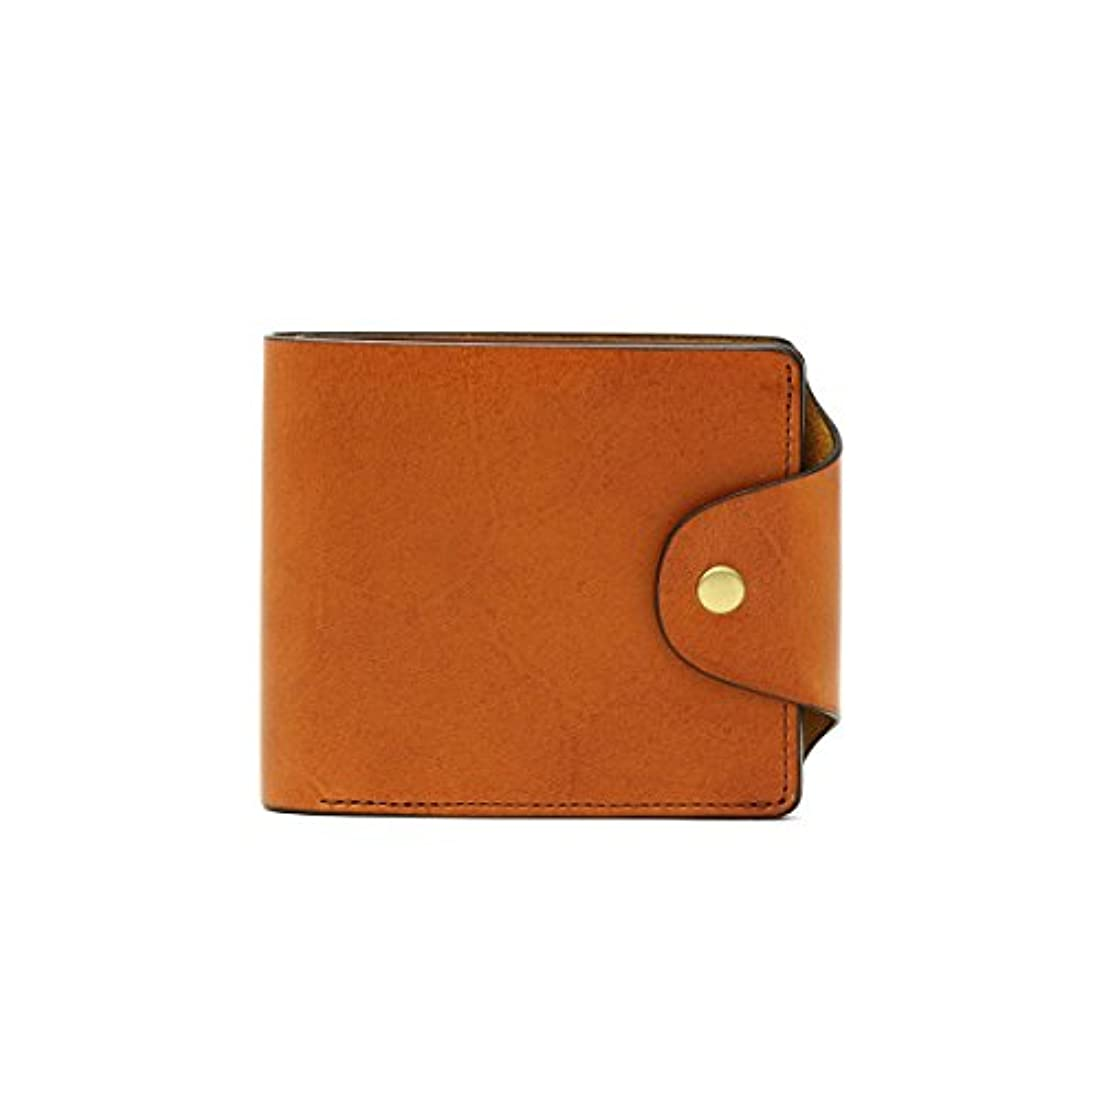 刃スロー威信[スロウ]SLOW ハービー herbie short wallet 二つ折り財布 SO658G